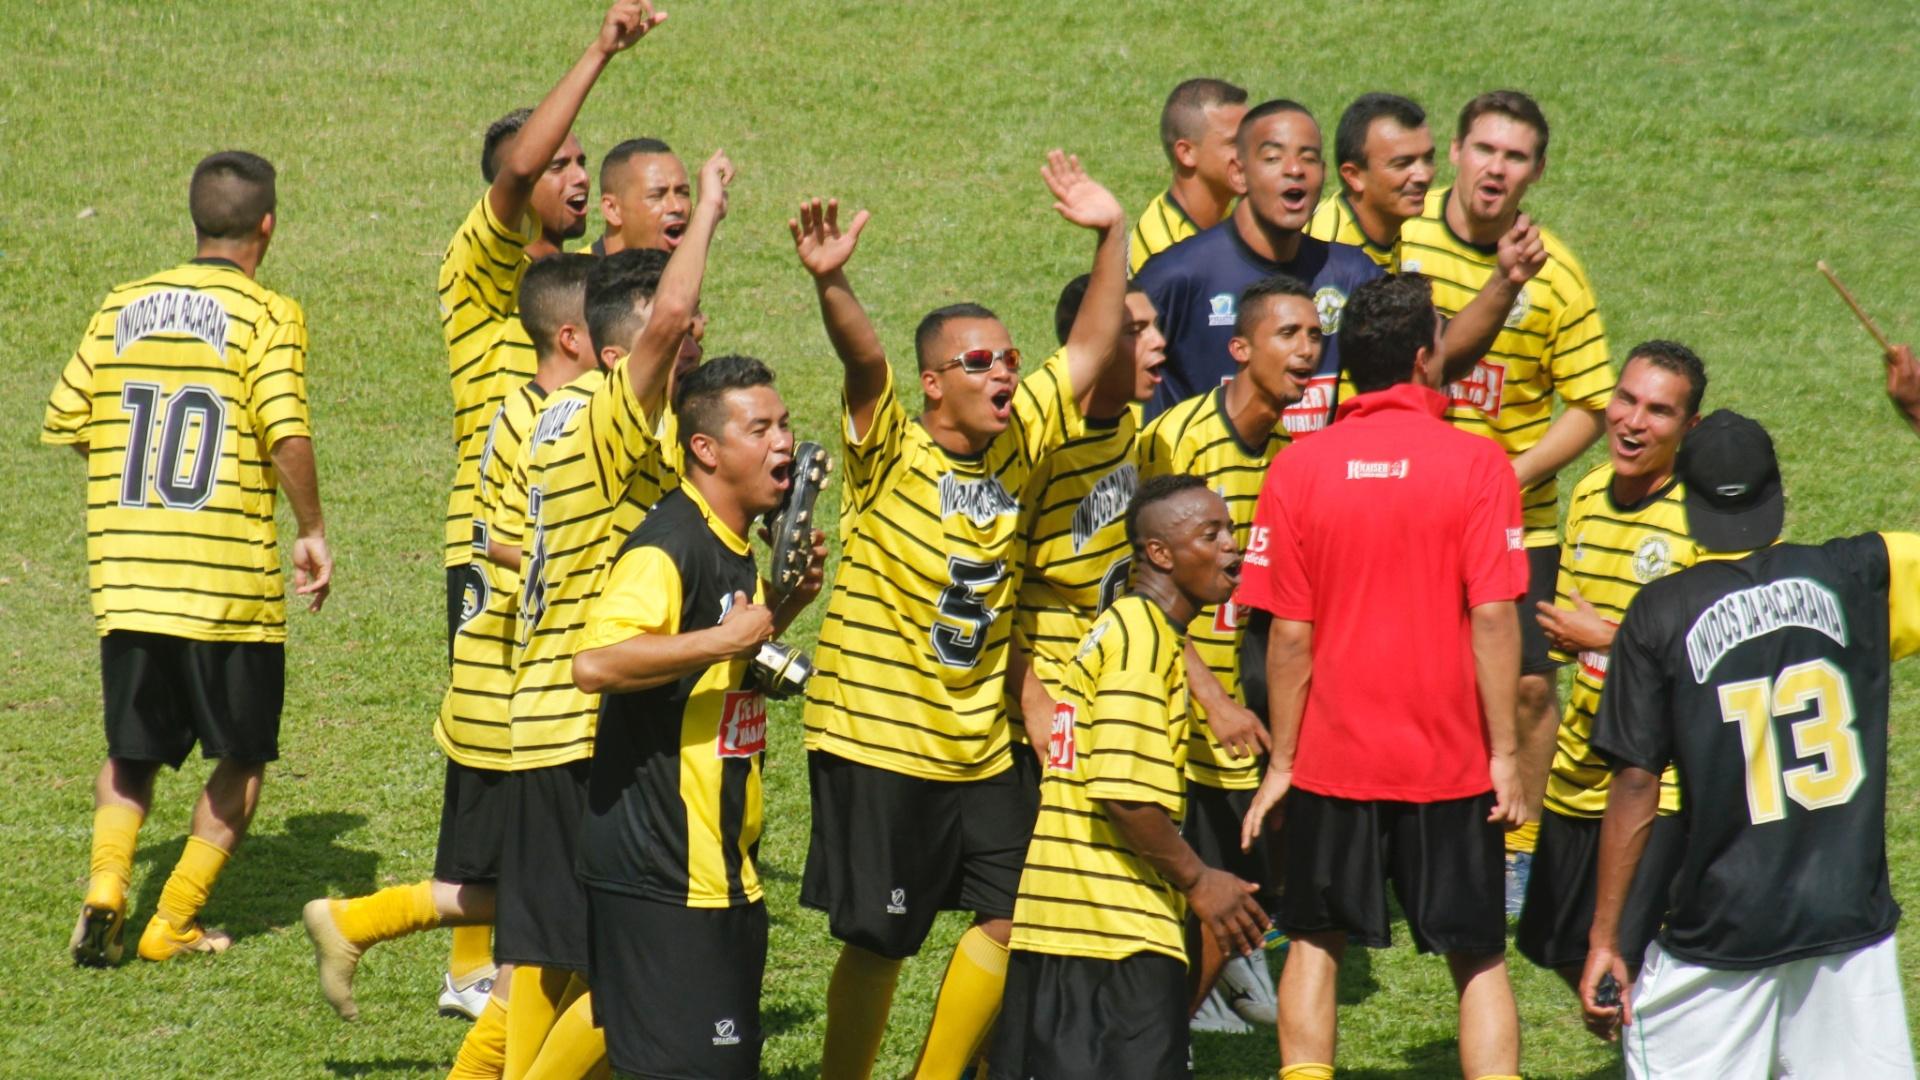 Jogadores do Unidos da Pacarana fazem festa com o título da série B da Copa Kaiser 2012